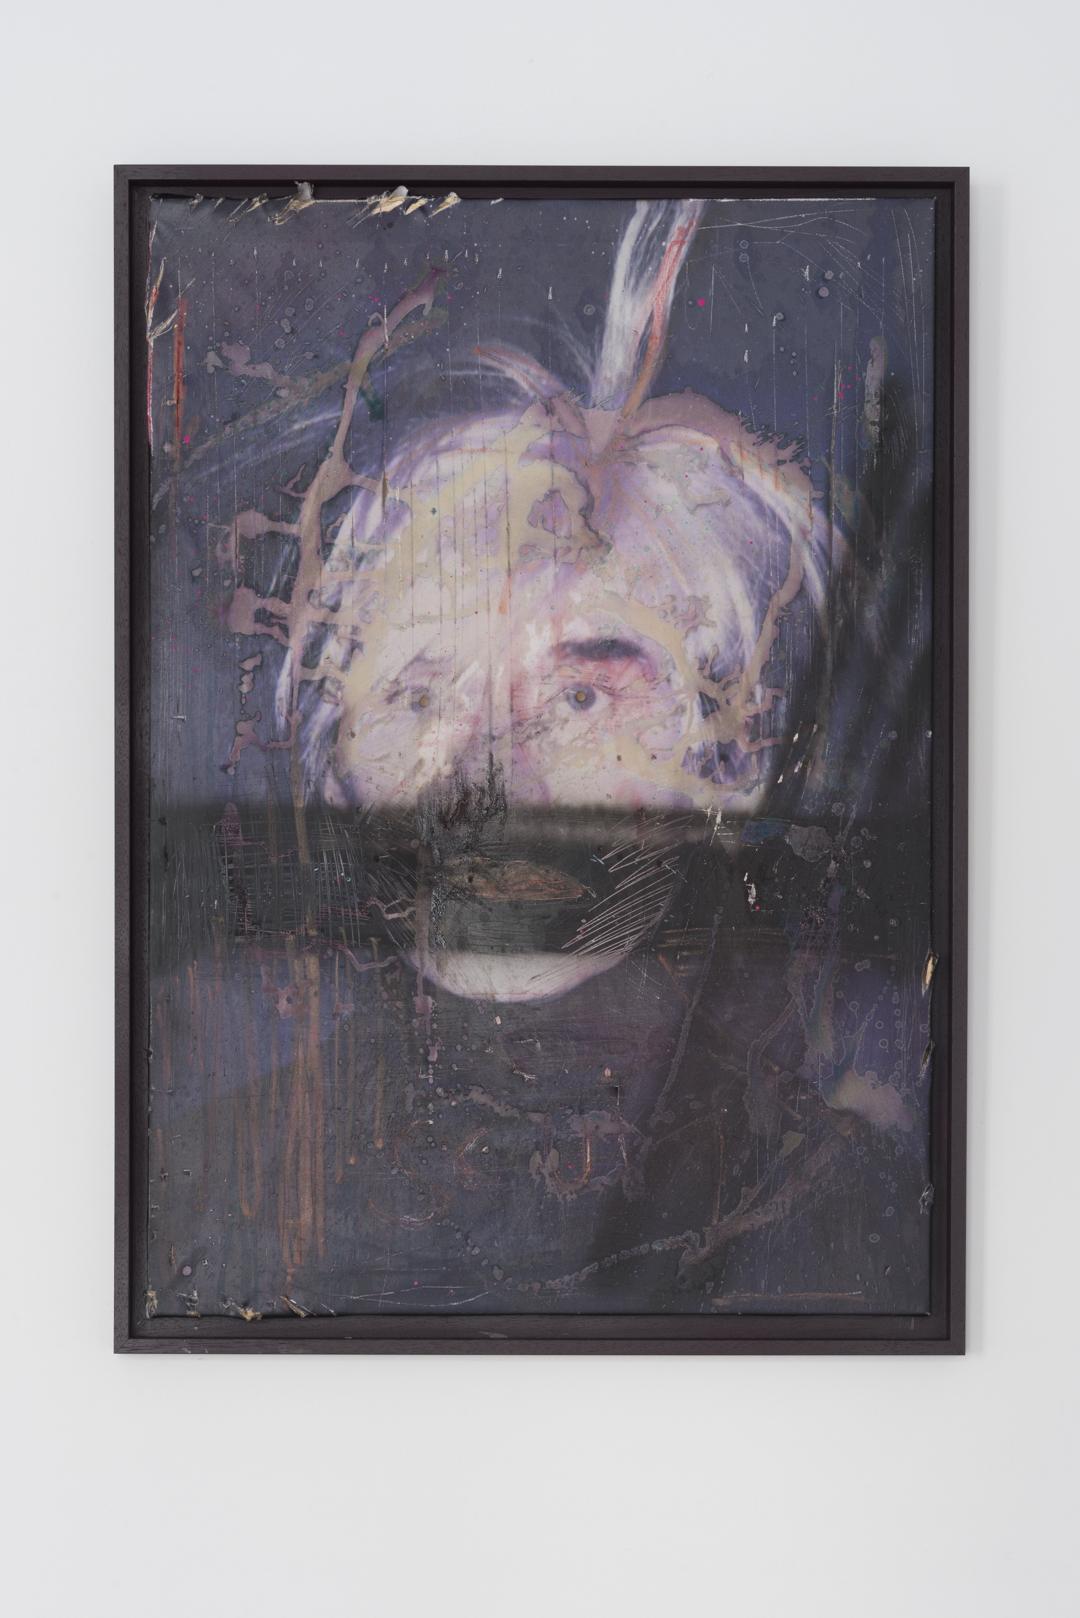 Andy Warhol, Autoportret, 2016, wydruk na płótnie, tech. własna, 100 x 70 cm, fot. Tytus Szabelski (źródło: dzięki uprzejmości organizatora)